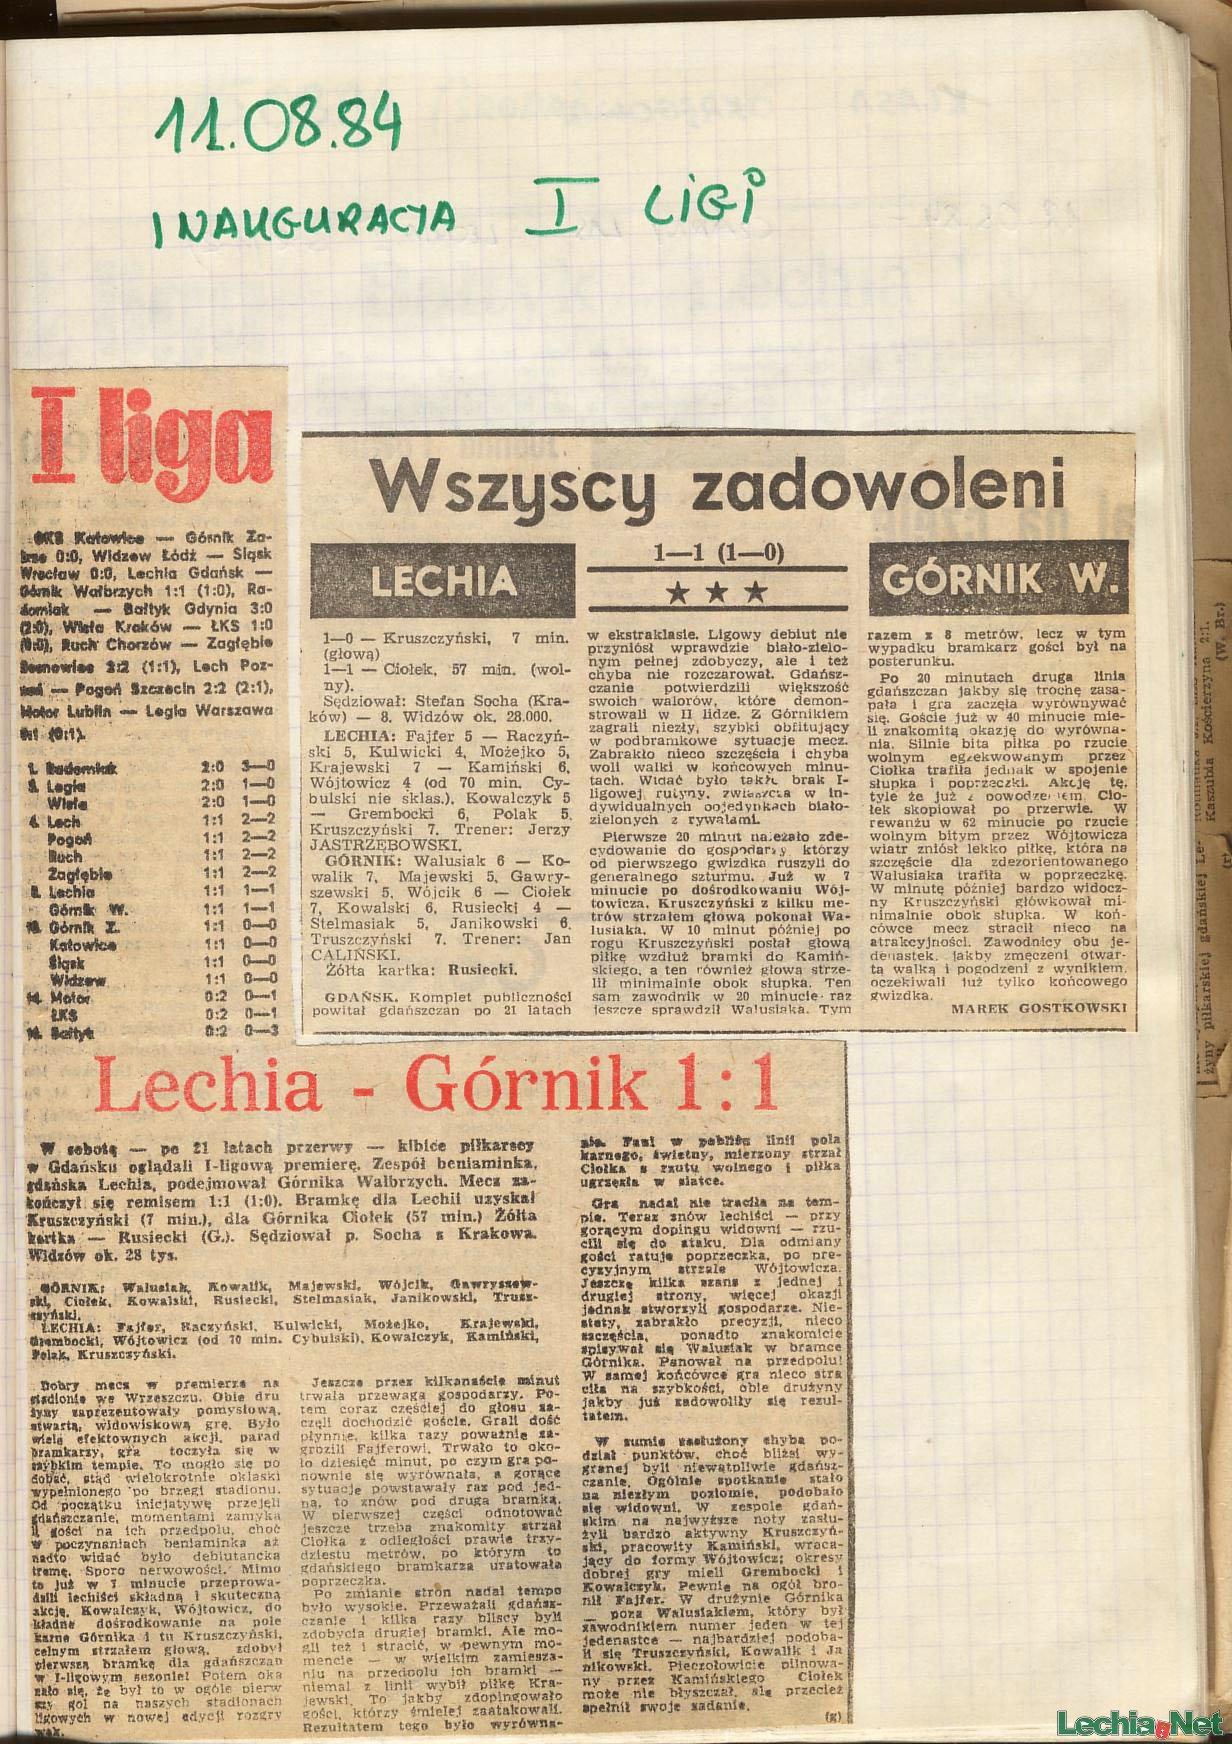 Relacja prasowa z meczu Lechia-Górnik Wałbrzych